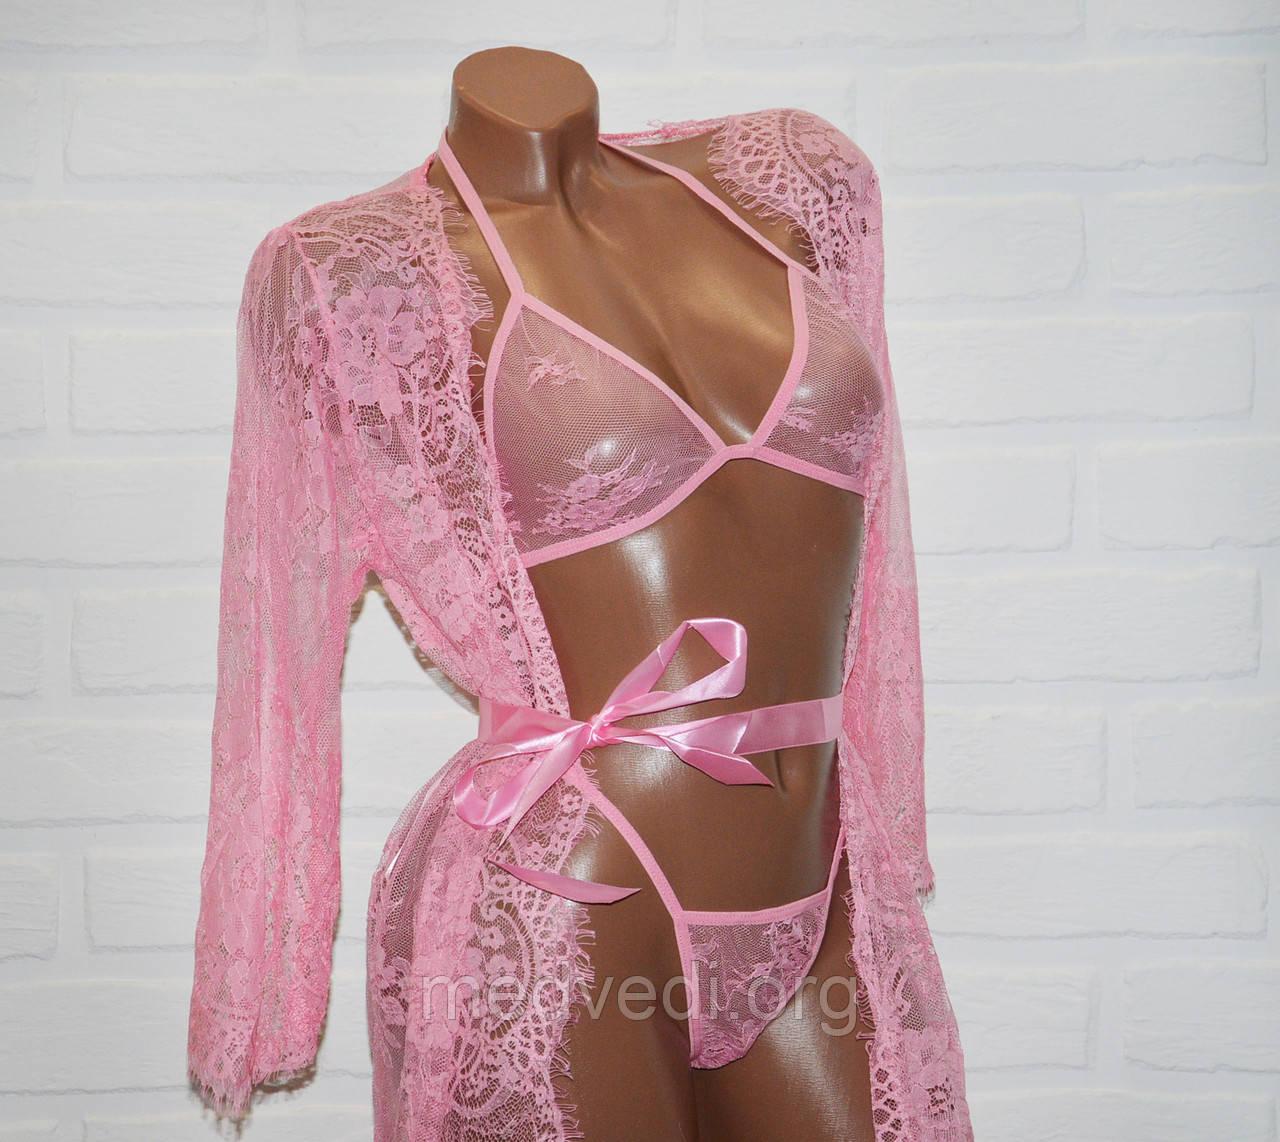 Комплект сексуального белья халат, бюстик + трусы стринги, розового цвета, размер S